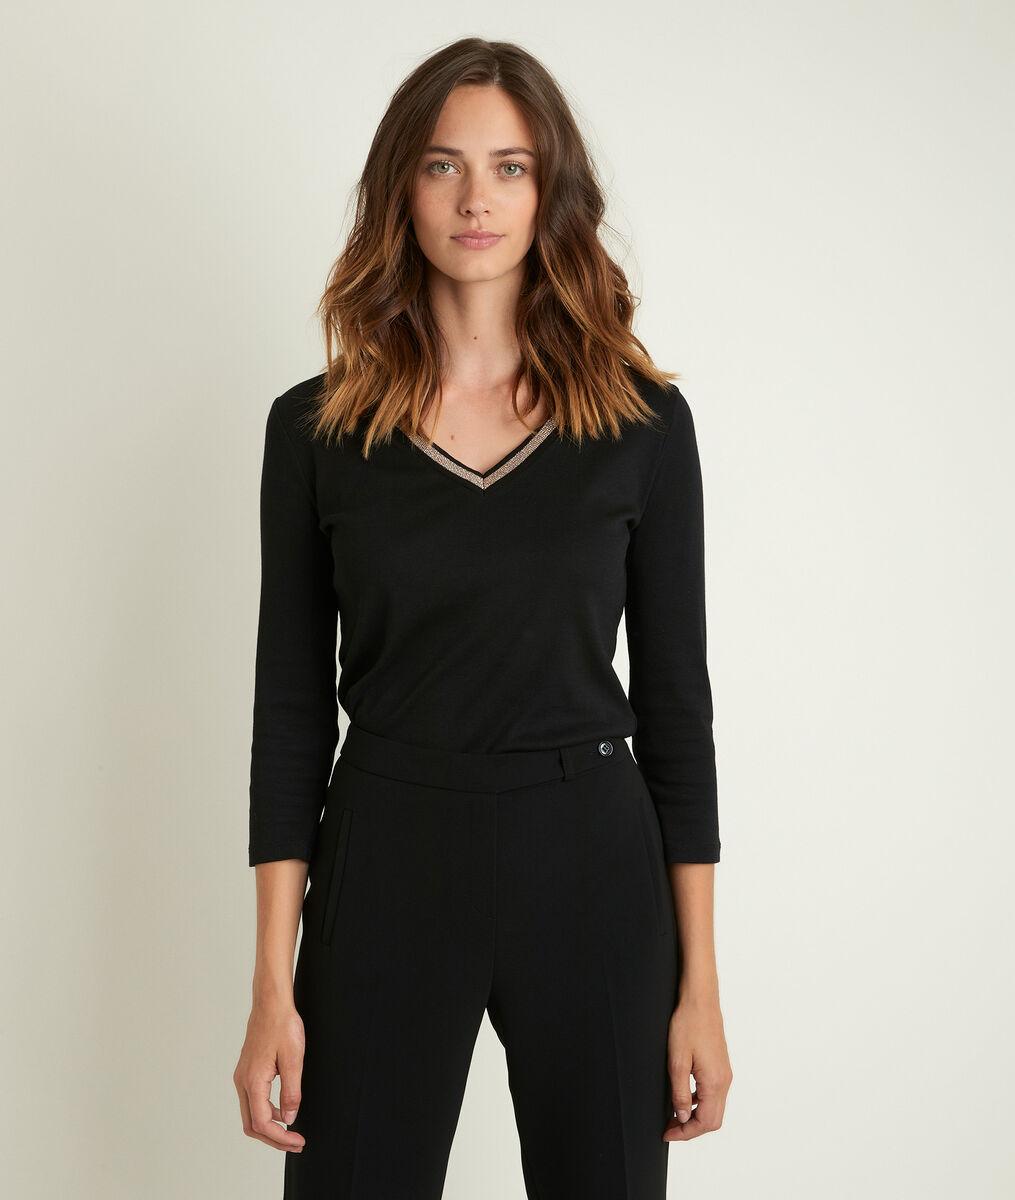 Tee-shirt noir encolure fantaisie Calypso PhotoZ | 1-2-3